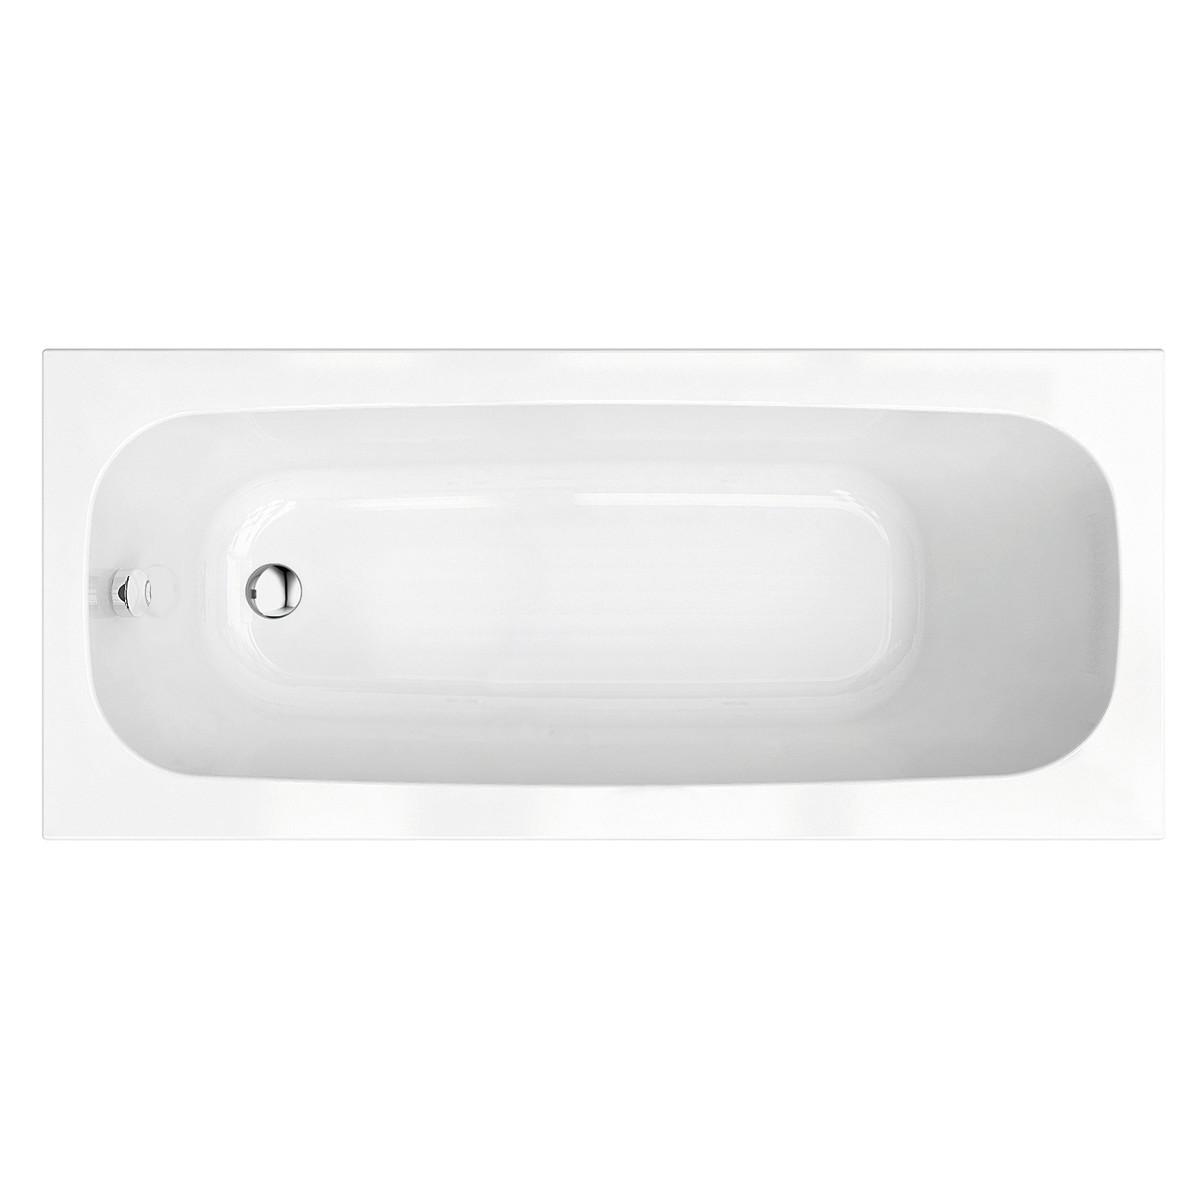 Vasca tag 160 x 70 cm prezzi e offerte online - Ricoprire vasca da bagno prezzi ...